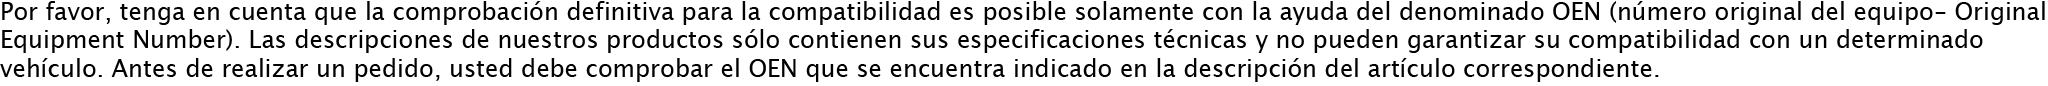 ERA 27700-74010 Regulador del alternador